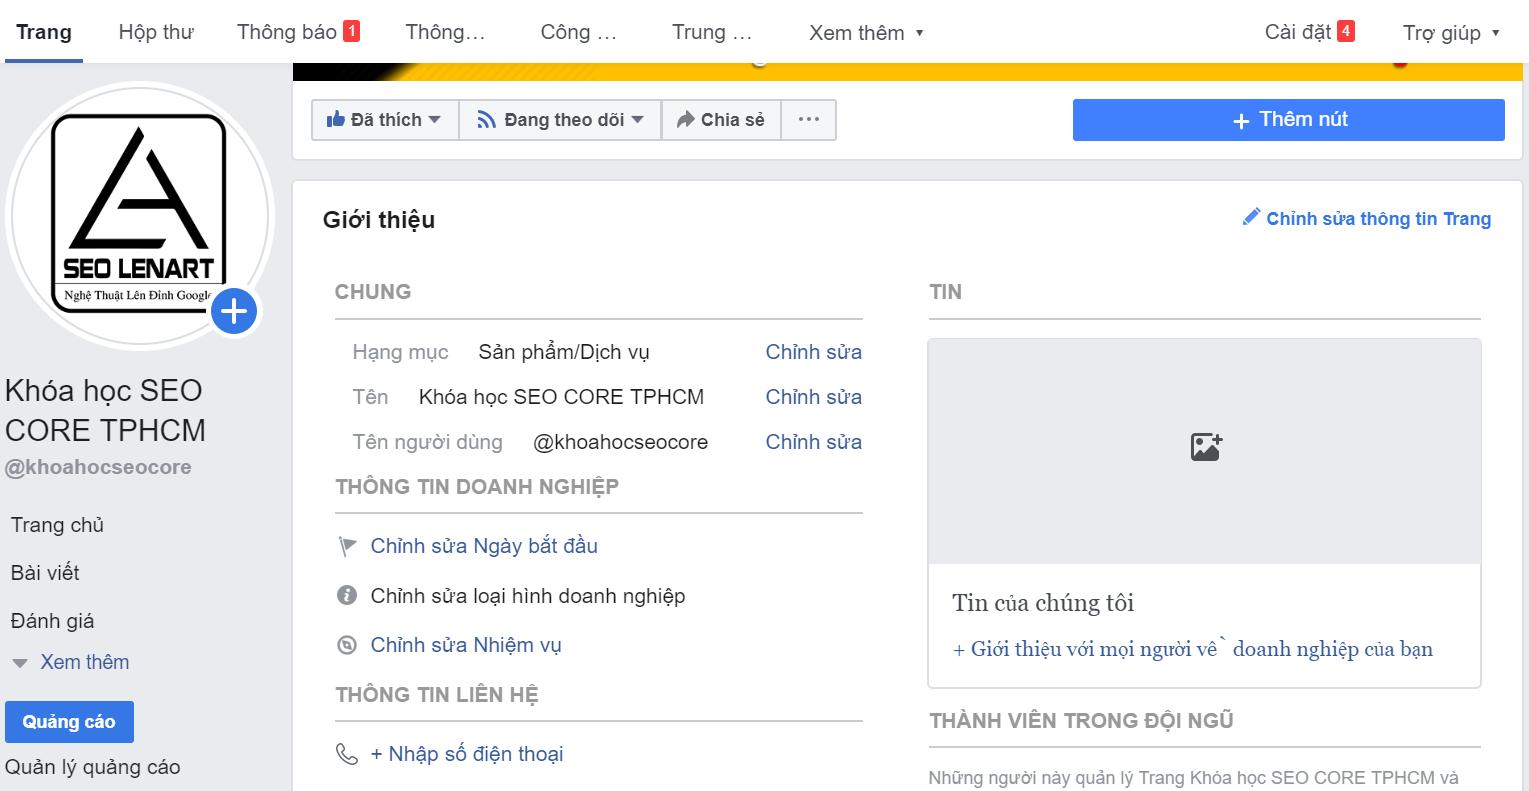 hướng dẫn seo facebook lên TOP nhanh nhất hiệu quả